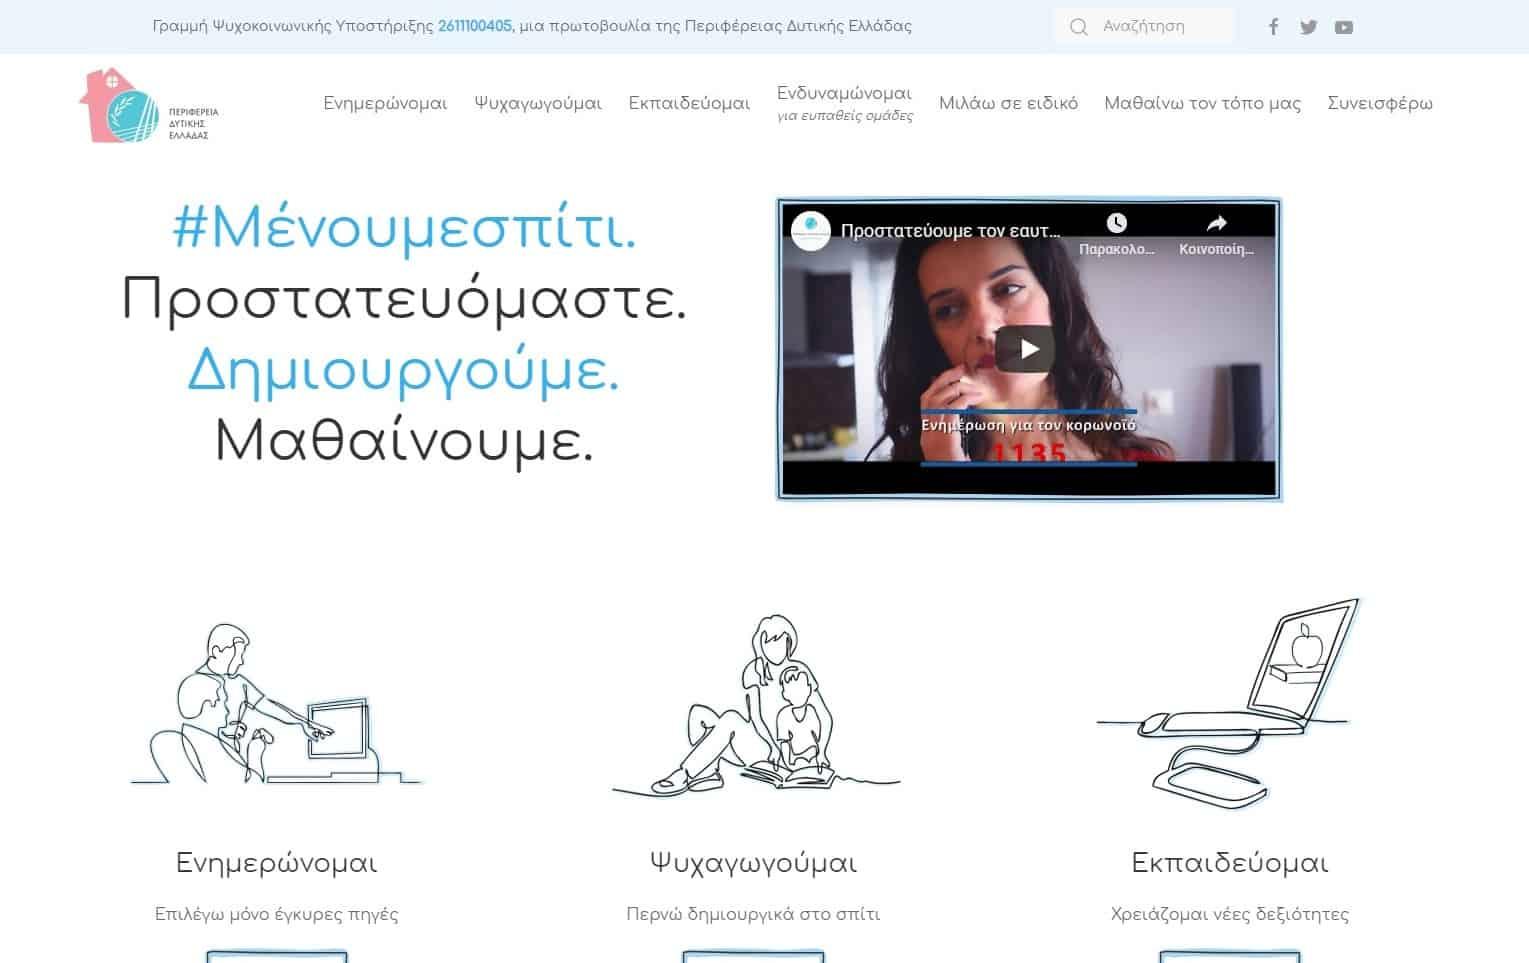 Γραμμή ψυχοκοινωνικής στήριξης και υπηρεσίες τηλεϊατρικής από την Περιφέρεια Δυτικής Ελλάδας